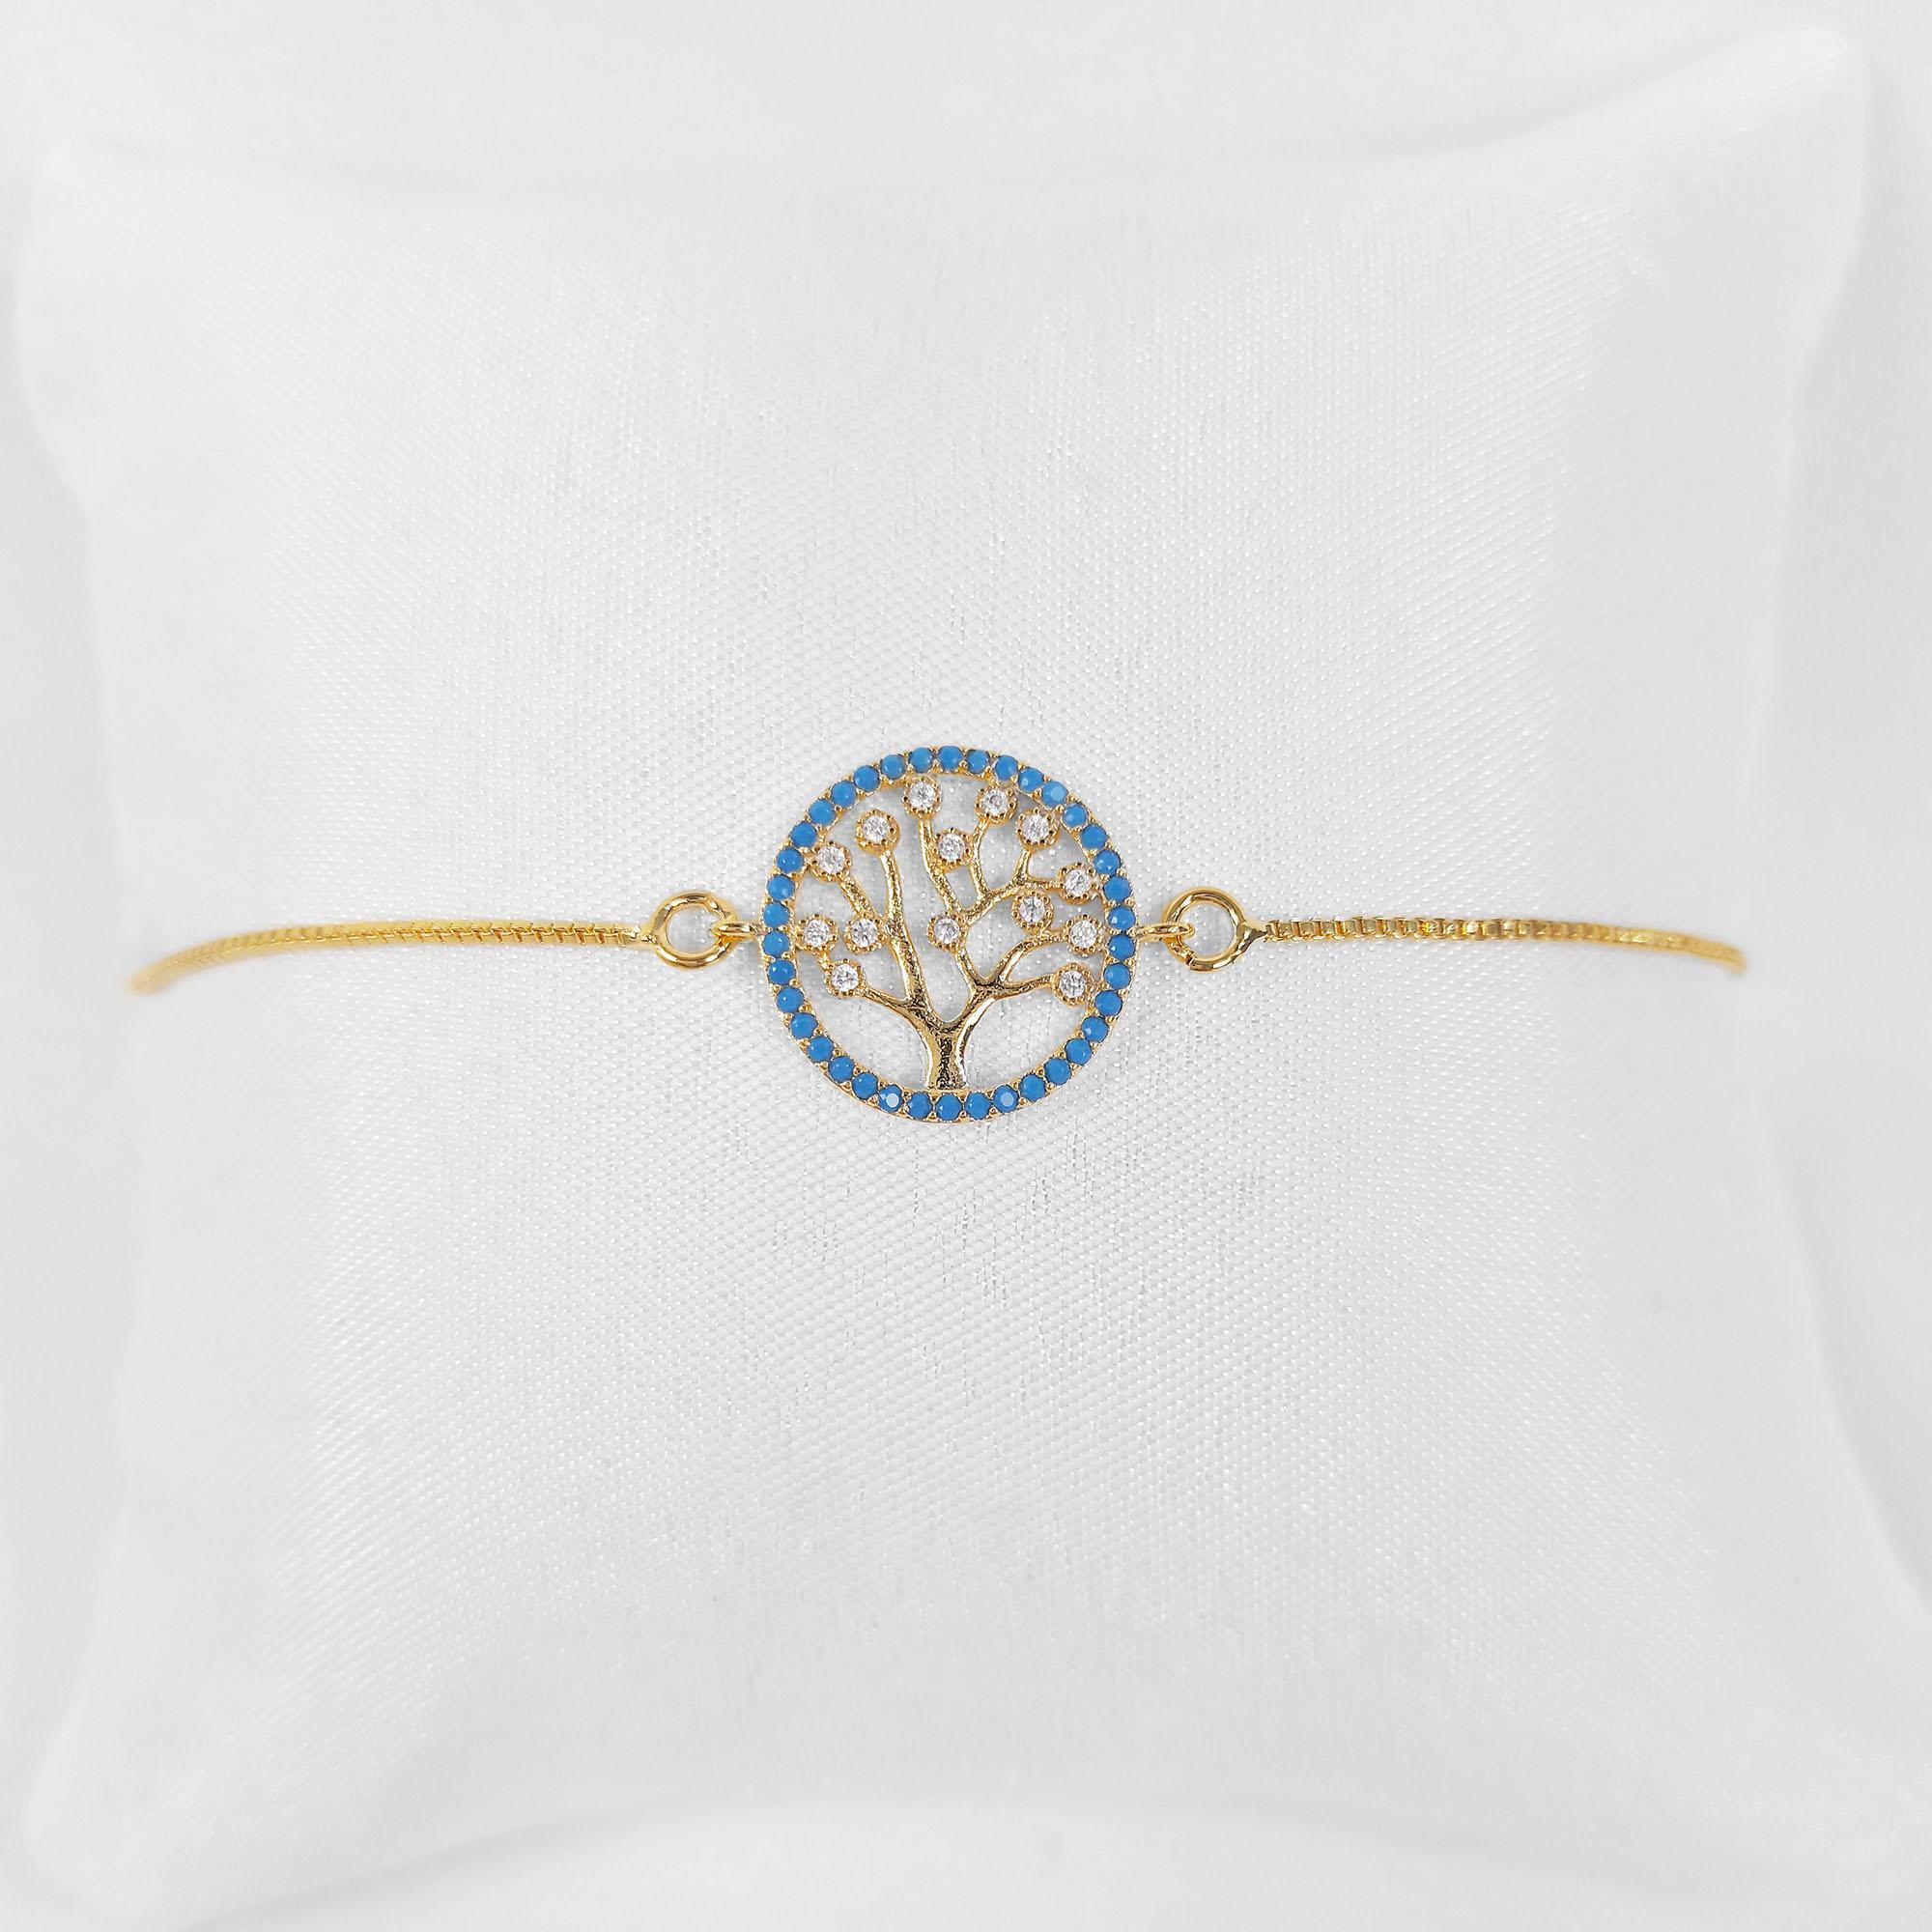 Pulseira Árvore da Vida Azul Zircônia Folheado a Ouro 18k  - Lunozê Joias